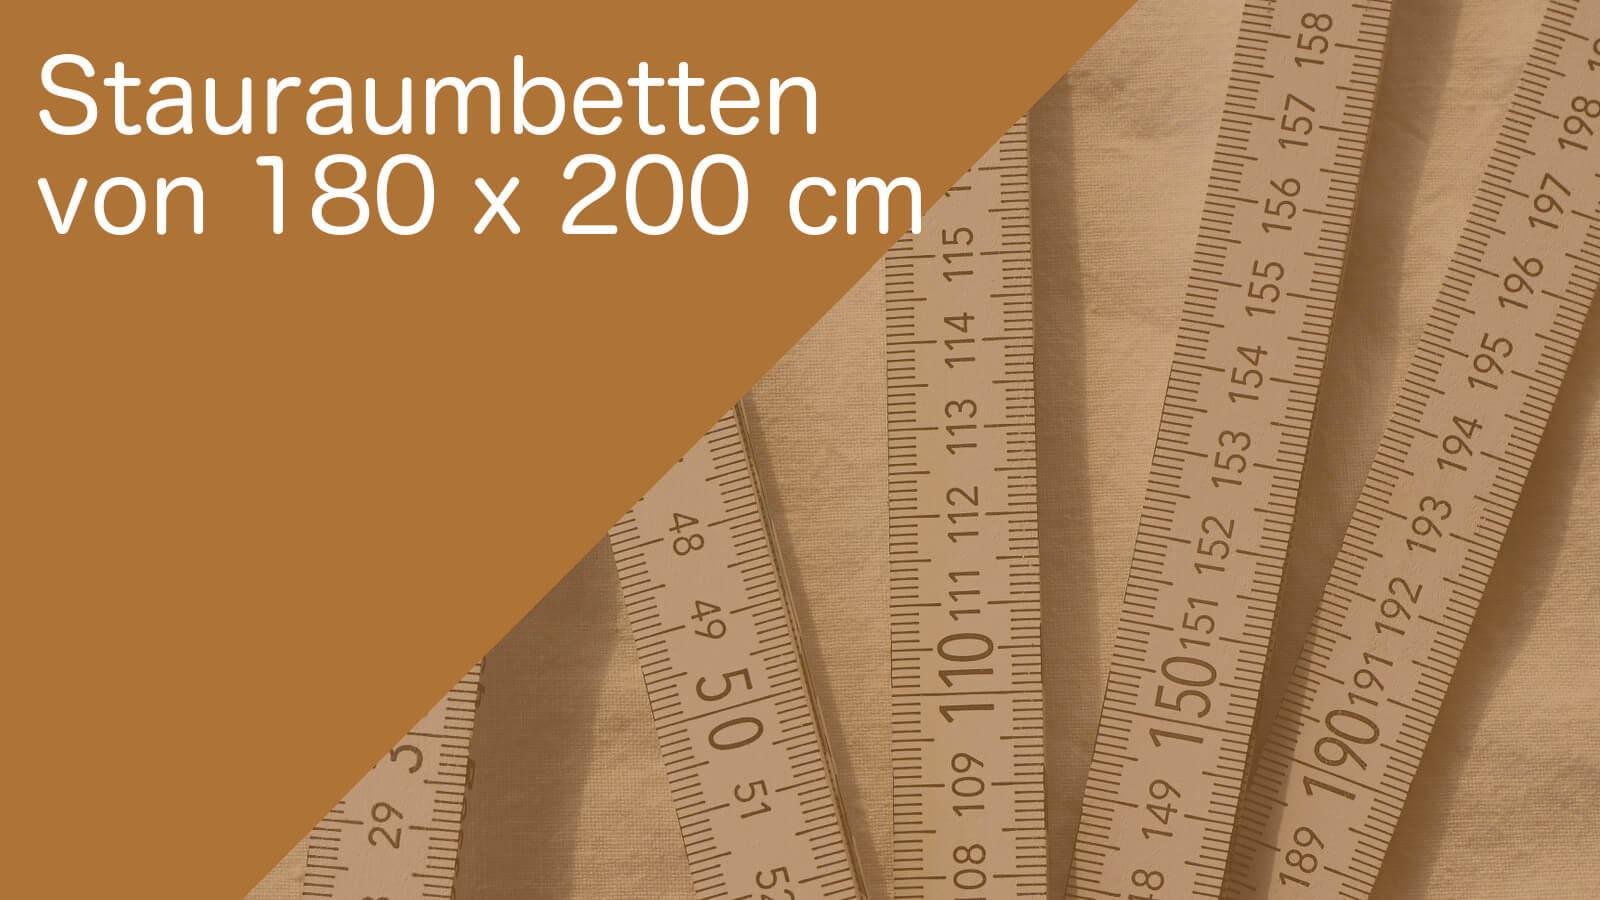 staurambetten_180x200